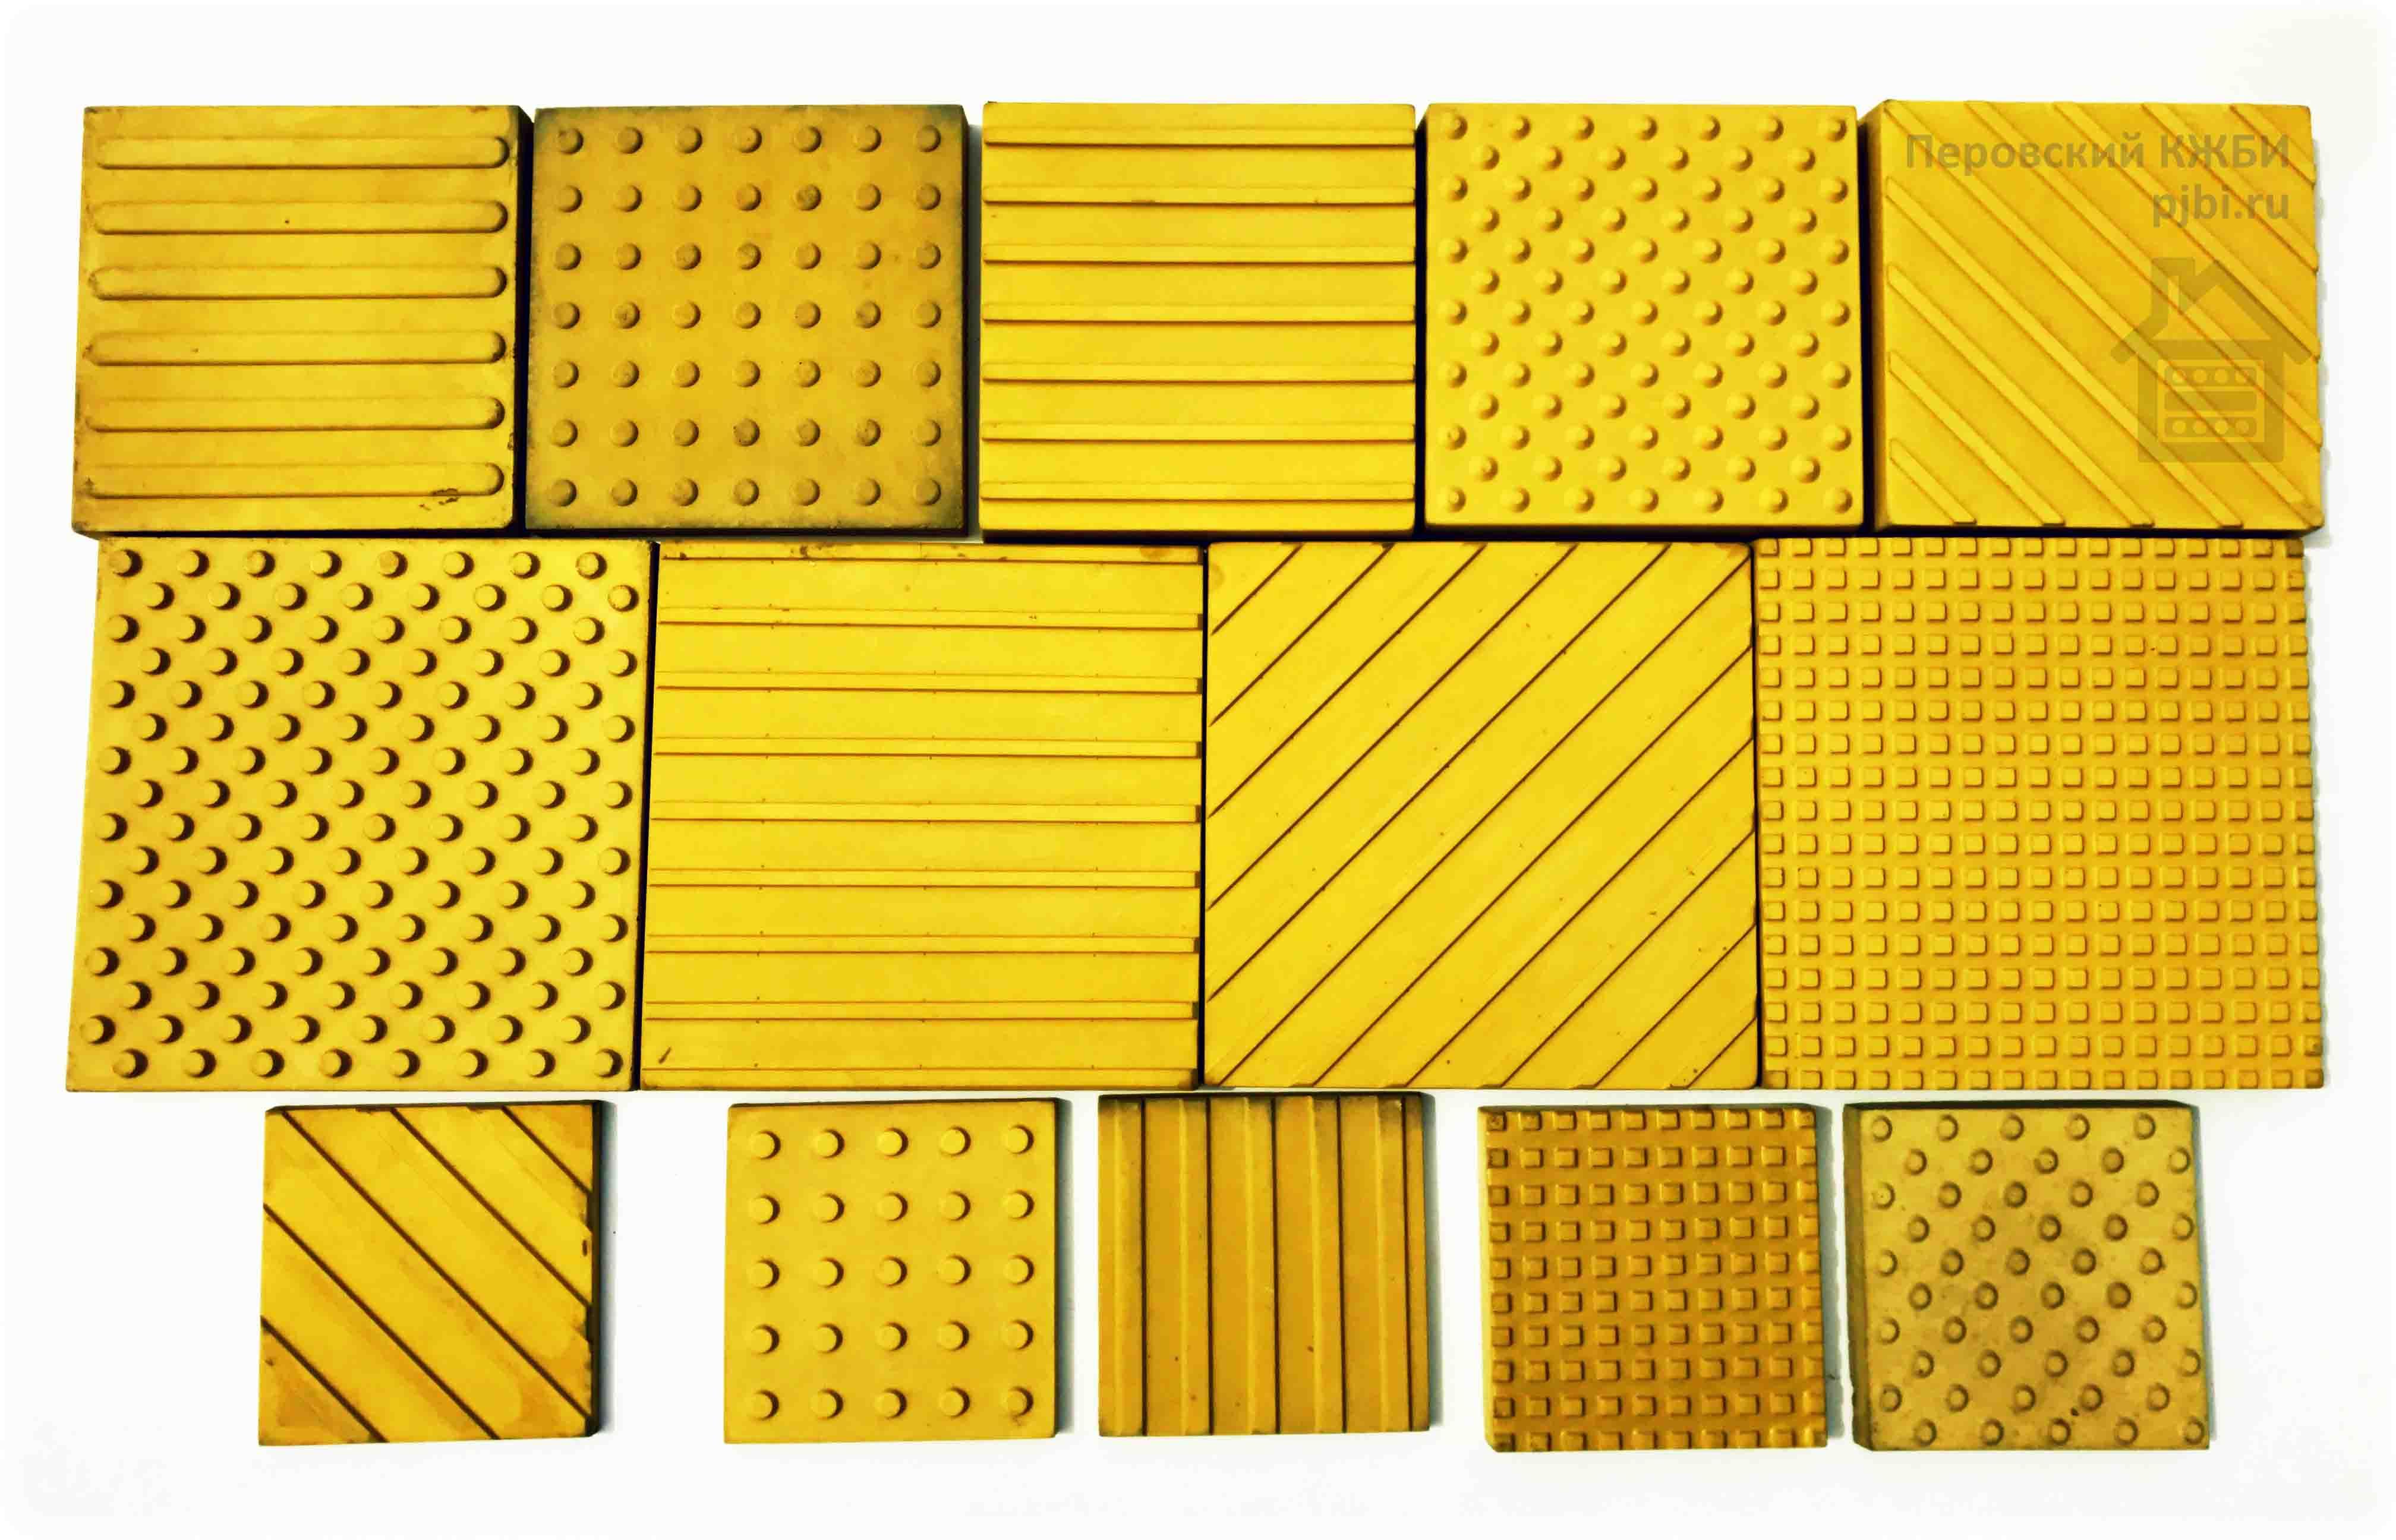 Бетонная тактильная плитка размеры 500х500, 400х400, 300х300 мм.